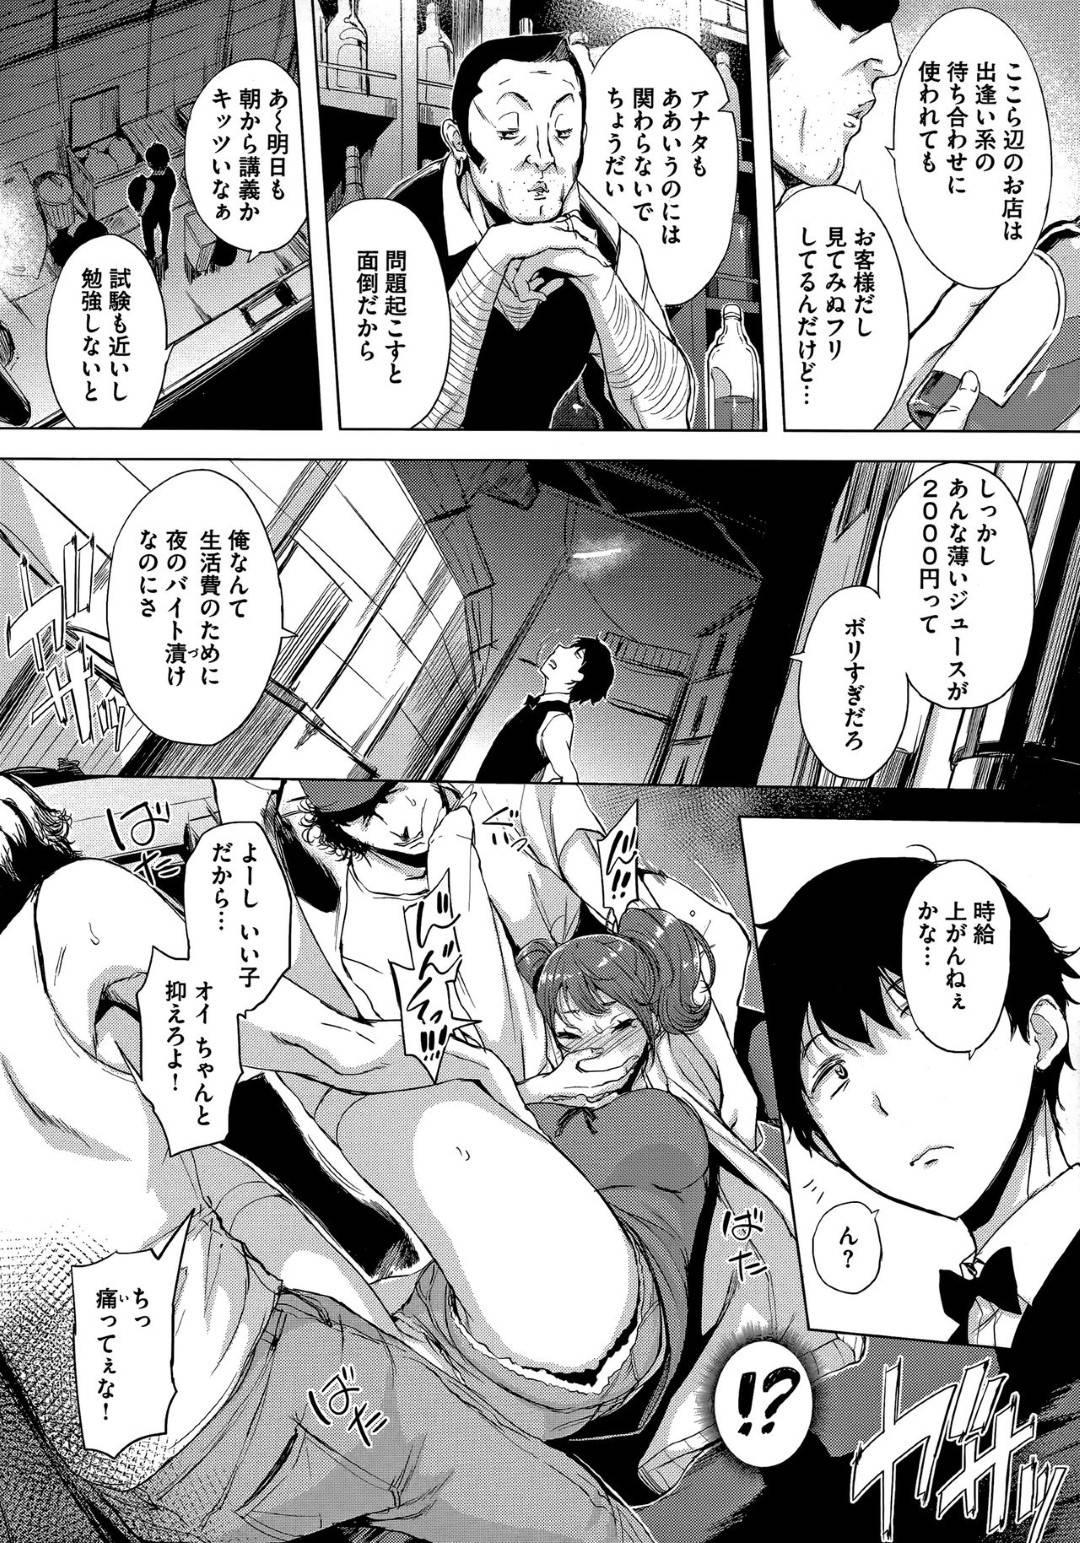 【エロ漫画】客との待ち合わせで使ったバーの店員に助けられた売春Jk…助けたことがきっかけでバーをクビになった店員の時間を買いホテルへ!Hが大好きなJkの誘惑に耐えられず激しく中出しセックス!【utu】